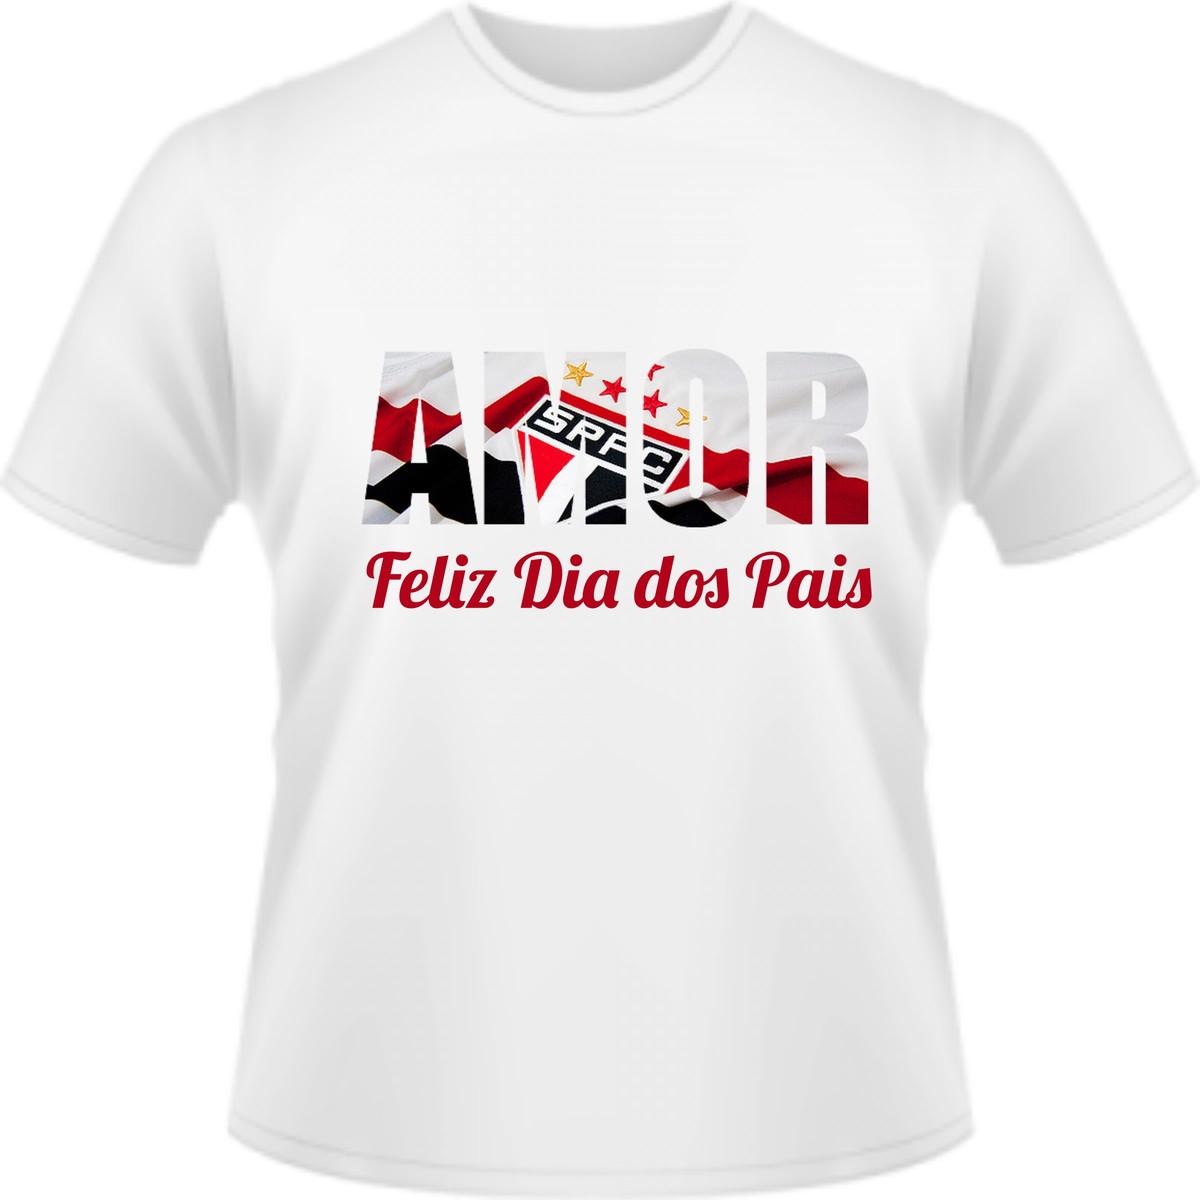 Camiseta Feliz dia dos Pais São Paulo no Elo7  ddb0619f6f23c